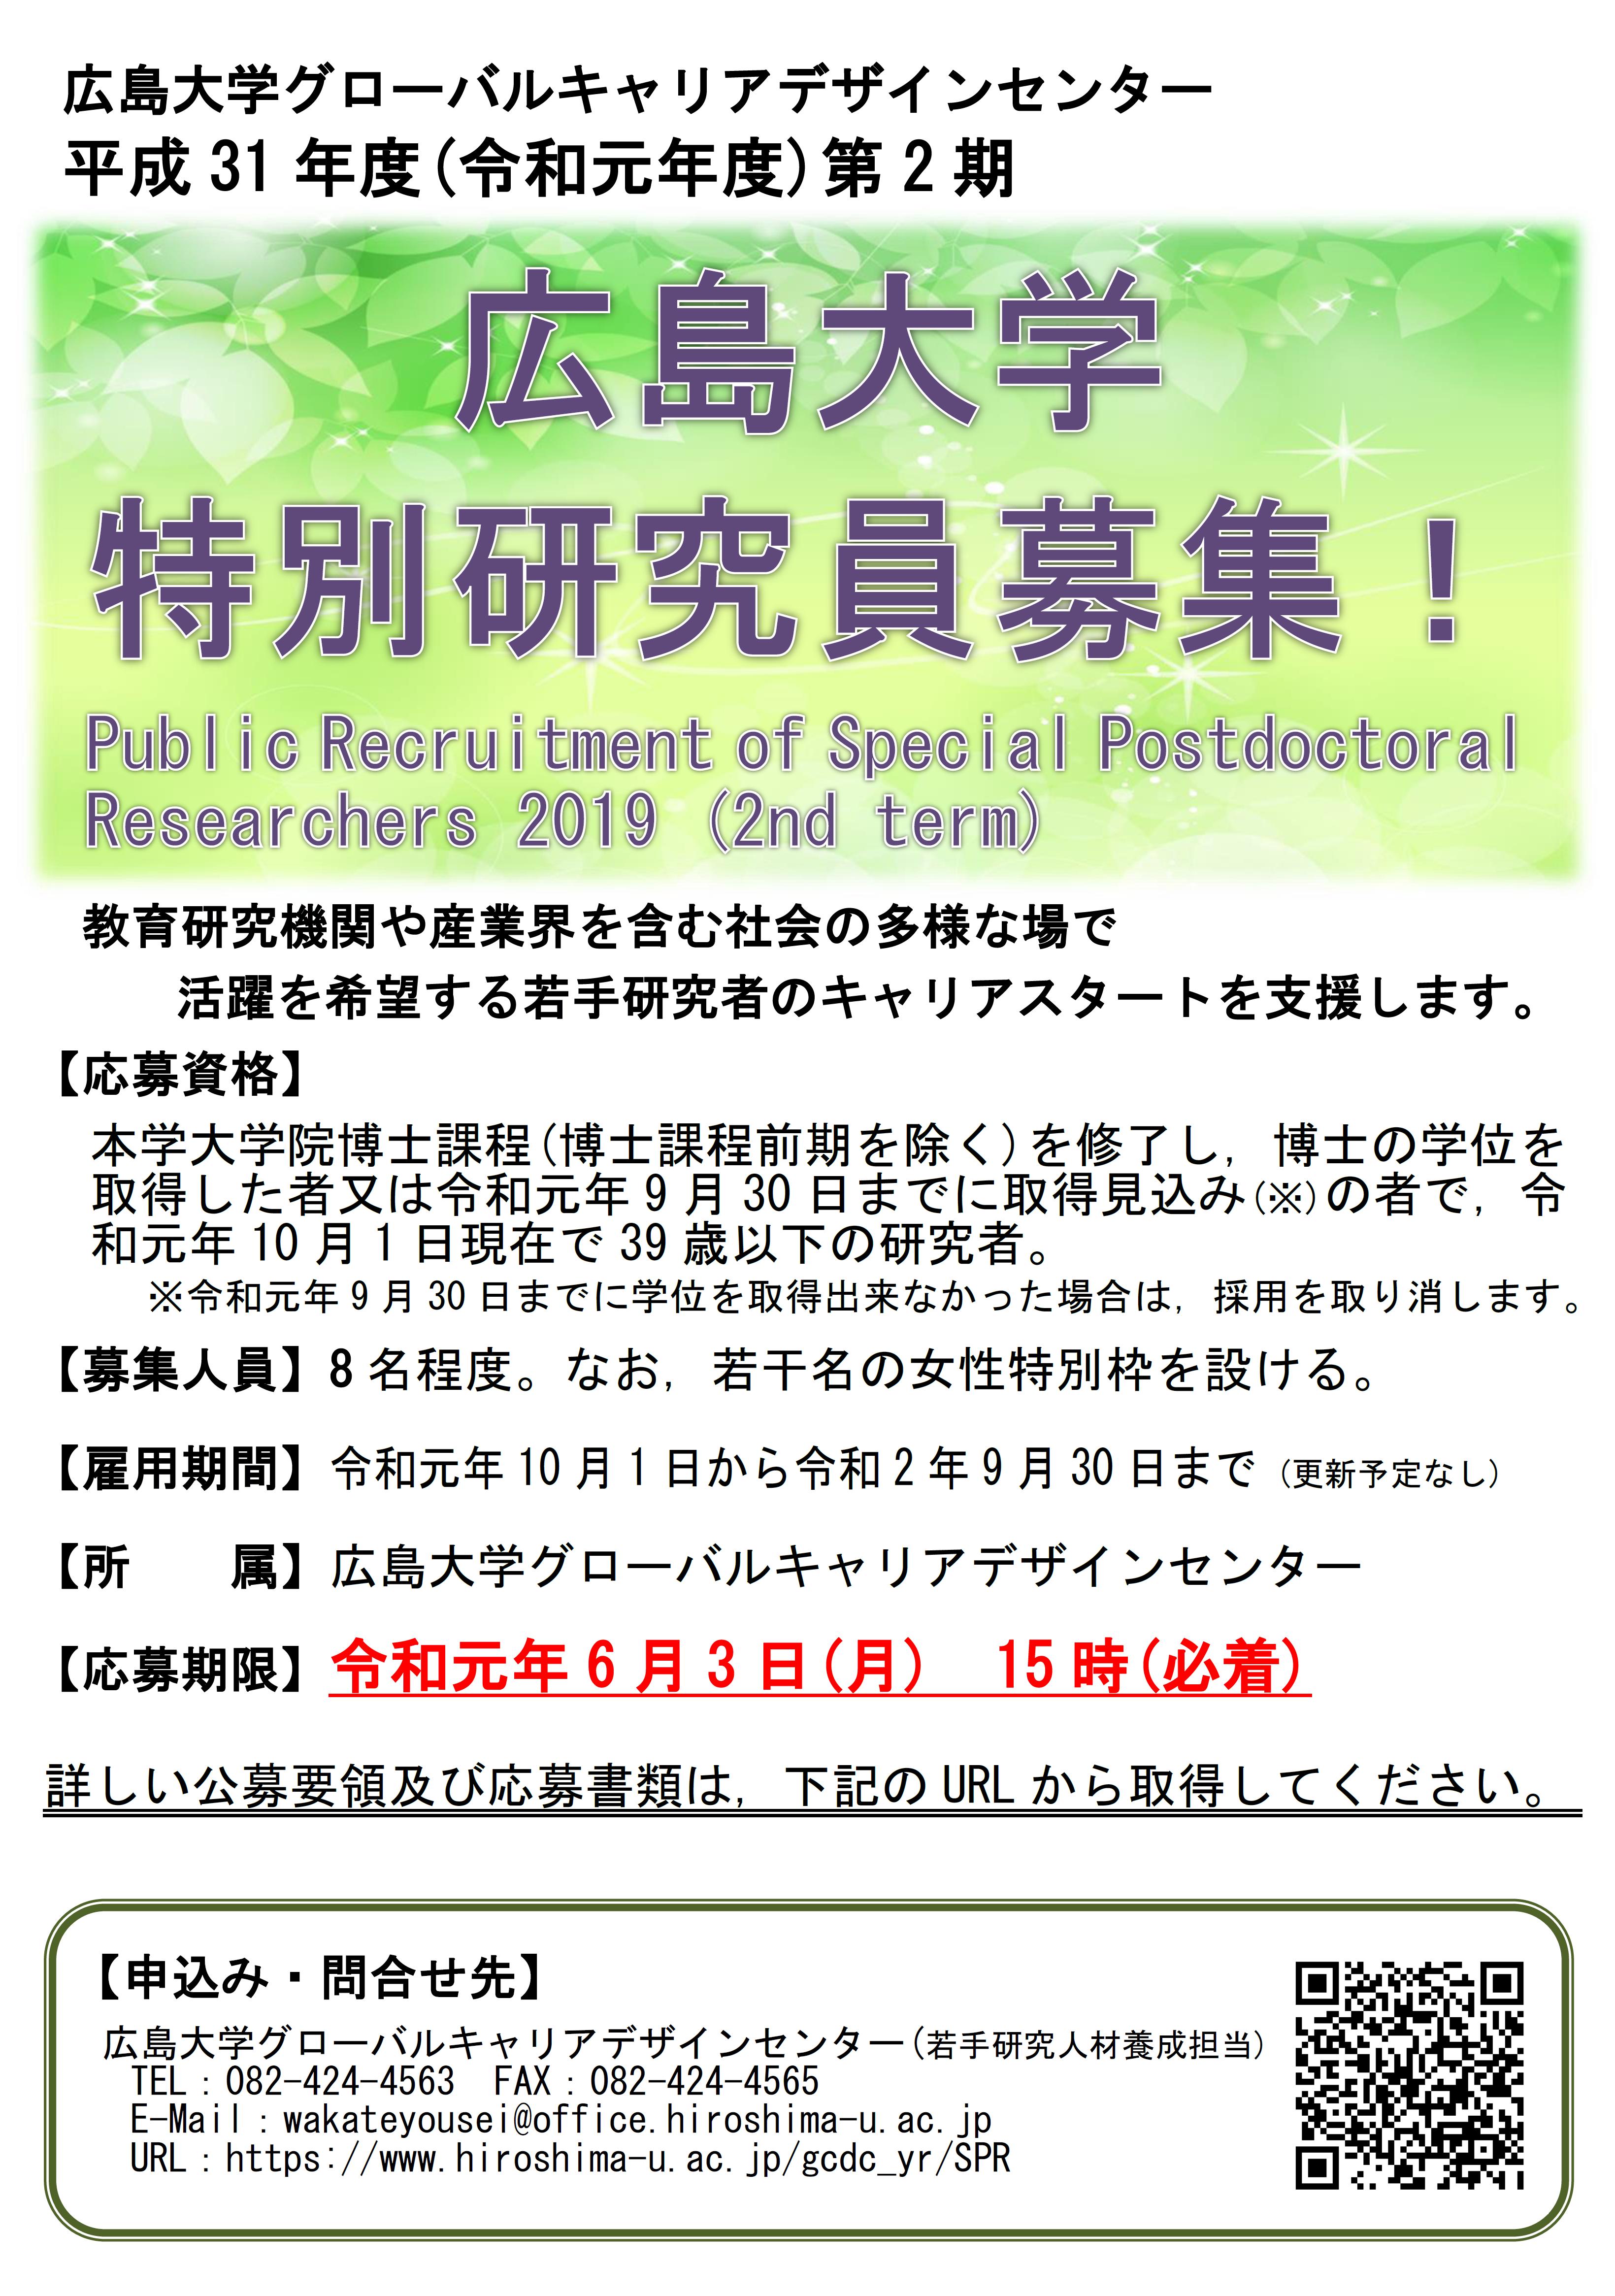 【所属】 広島大学グローバルキャリアデザインセンター